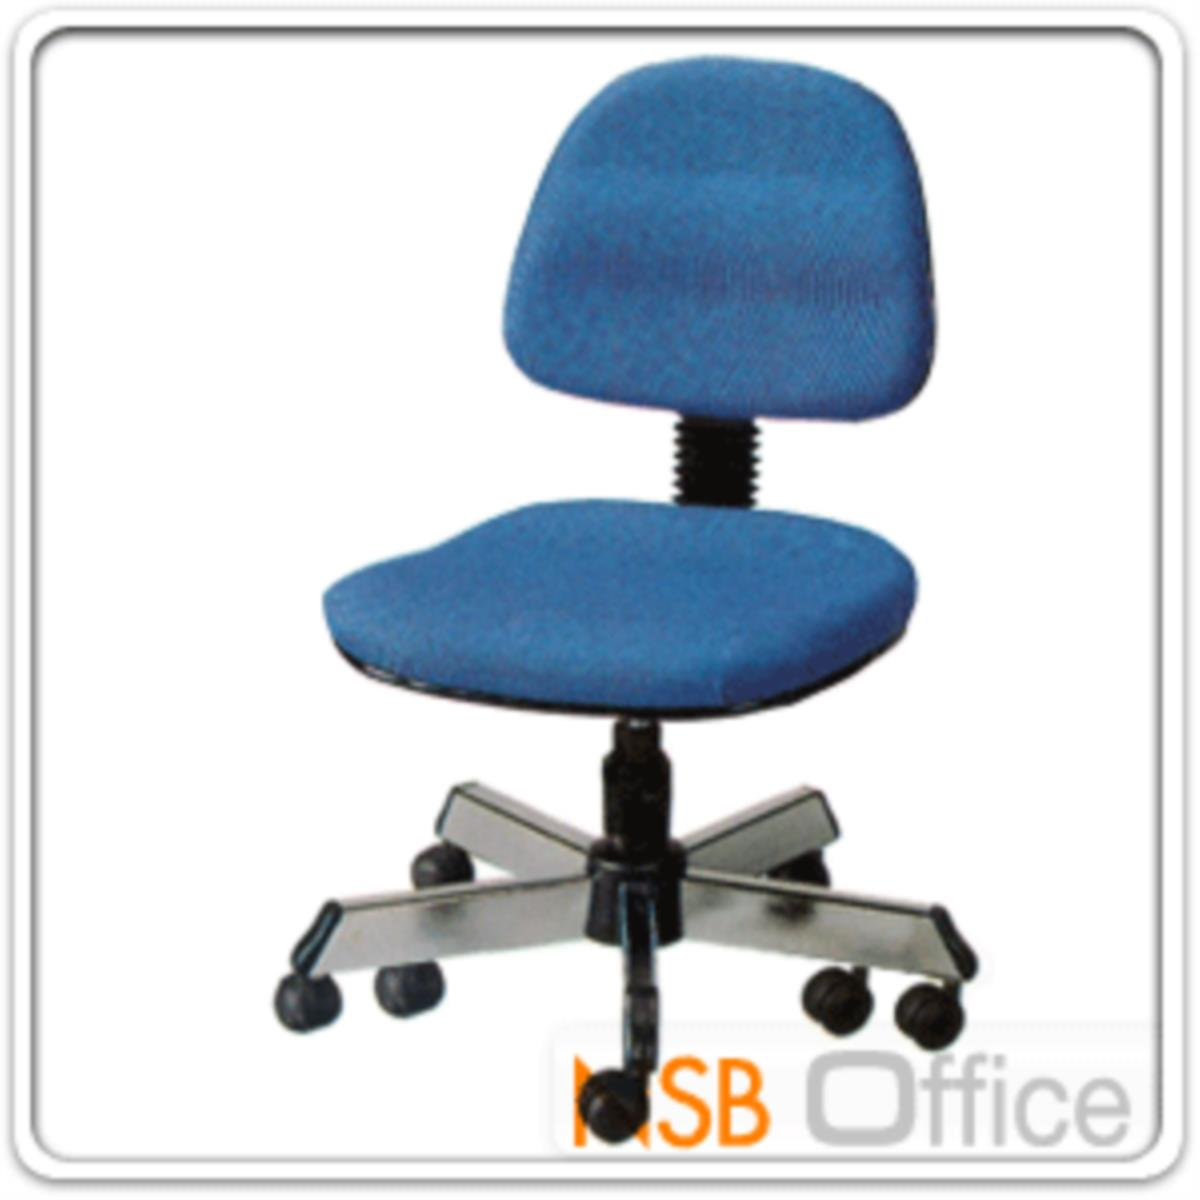 เก้าอี้สำนักงาน รุ่น Portman  ขาเหล็ก 10 ล้อ ไม่มีท้าวแขน